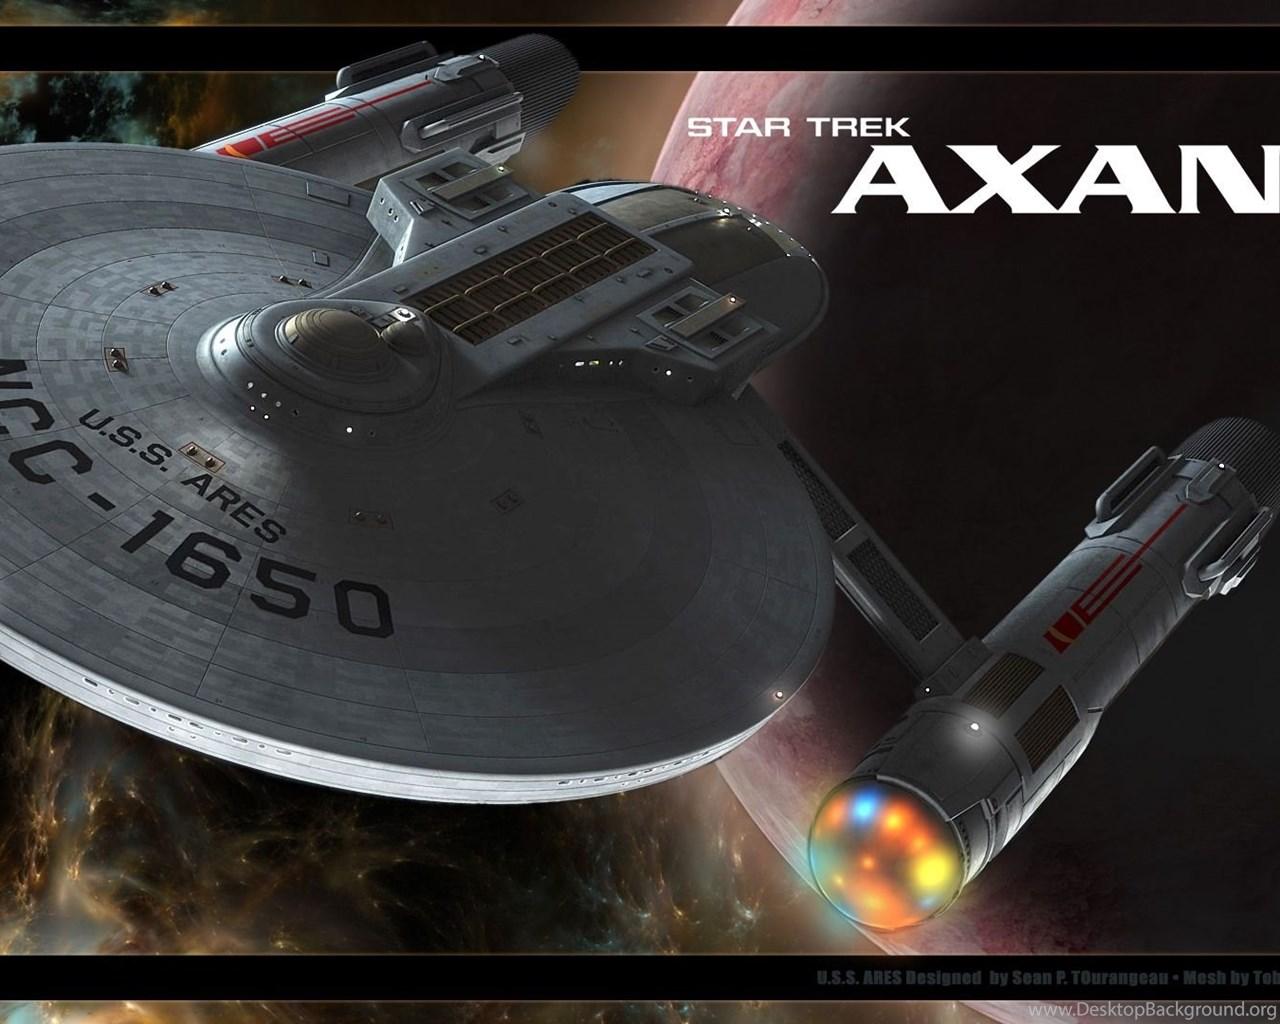 FairerPlatform » Blog Archive Star Trek Axanar: The Mac